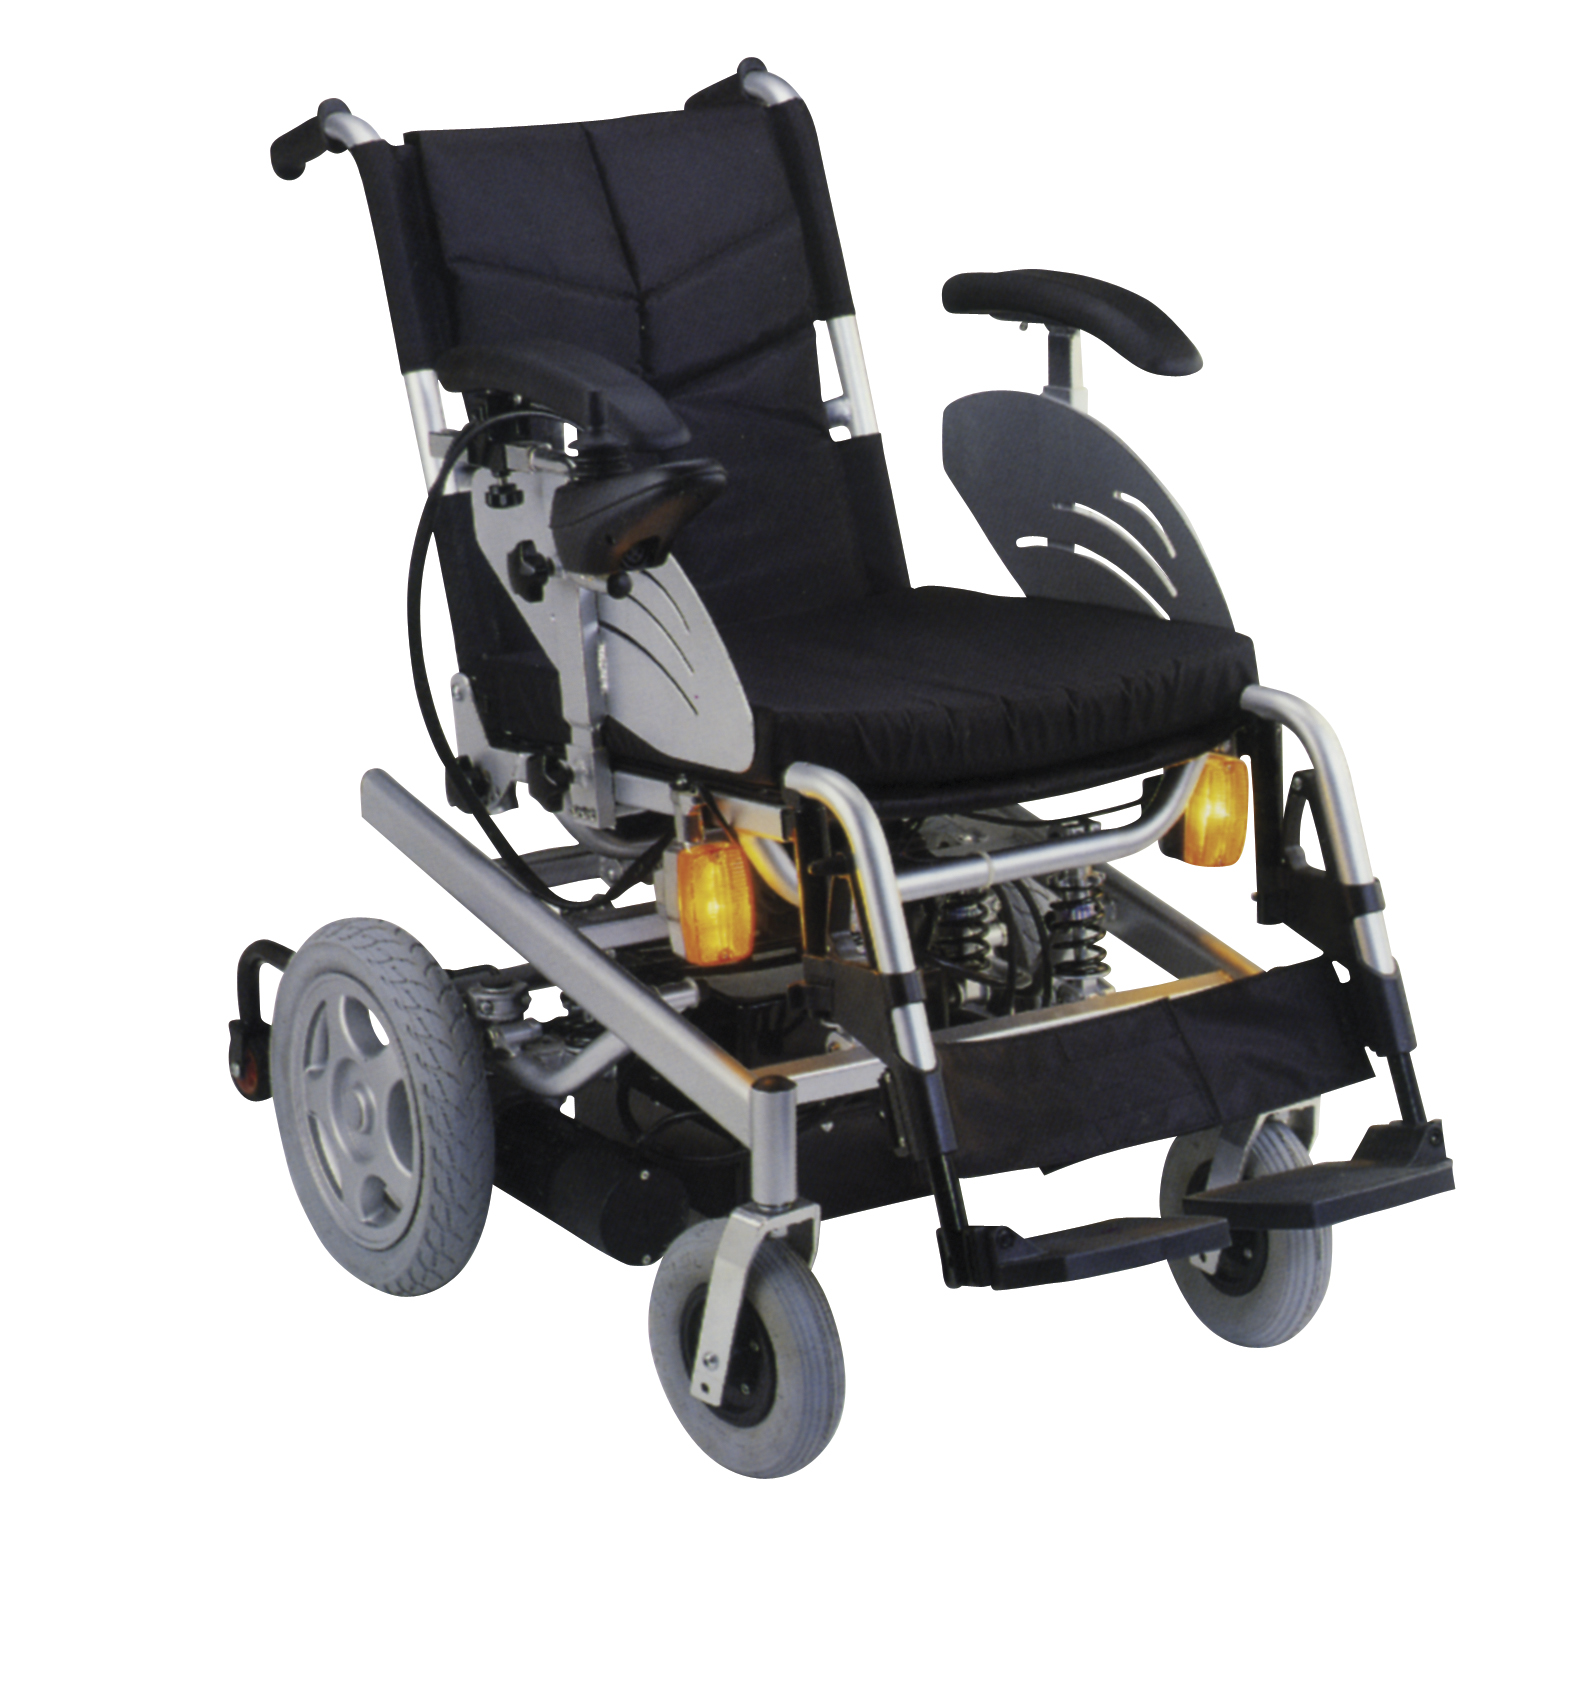 Αμαξίδιο Ηλεκτροκίνητο | Ιατρικά Ορθοπεδικά Είδη